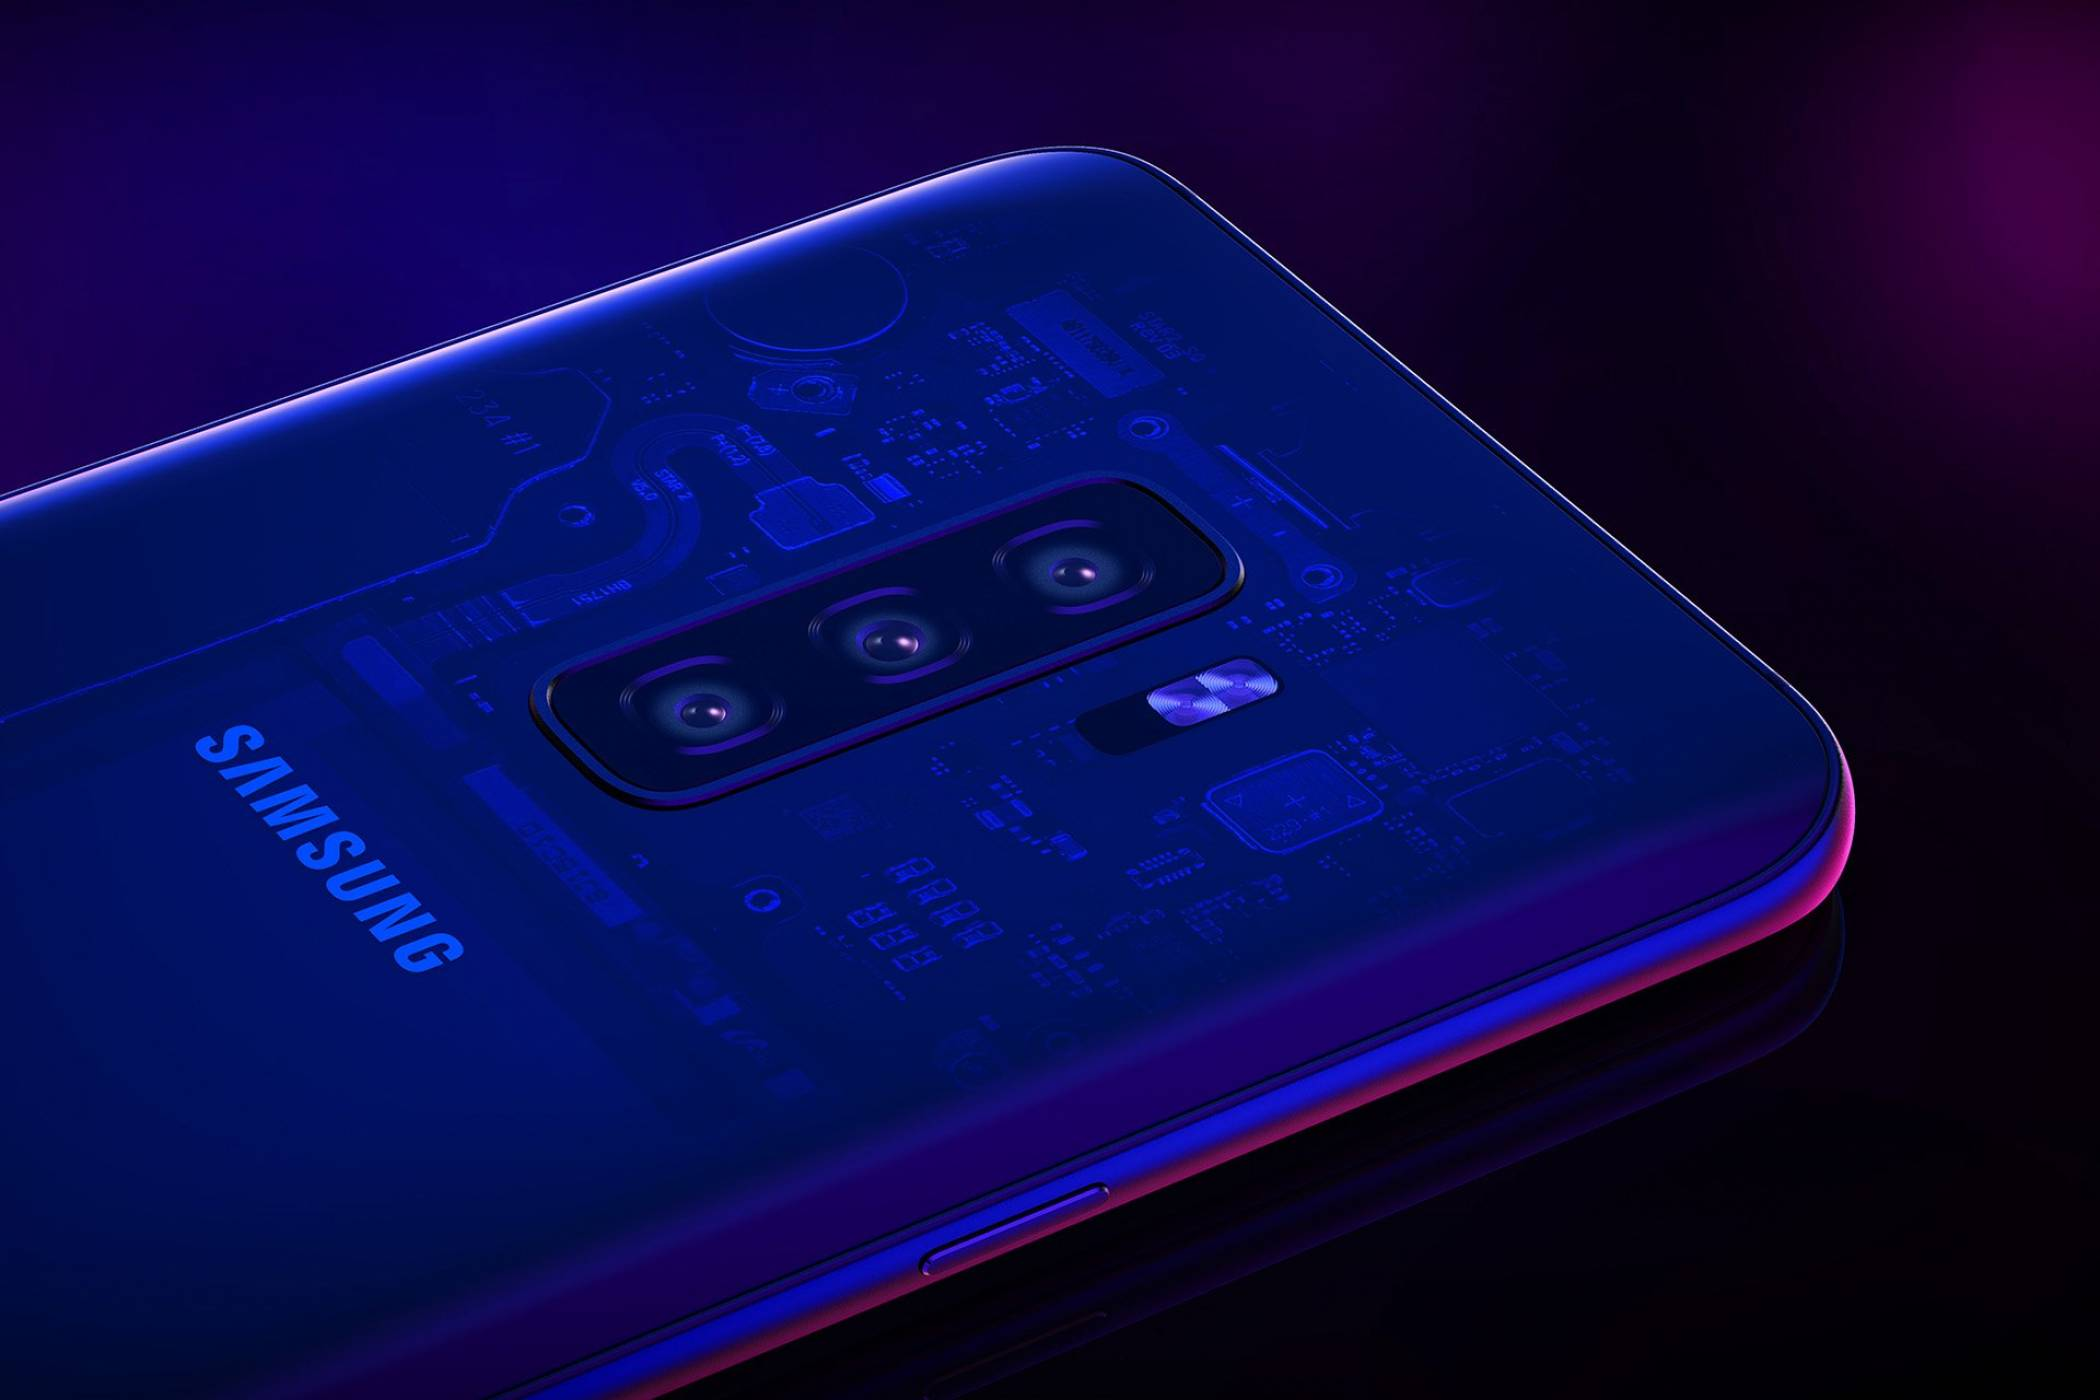 Samsung Galaxy S10 ще бъде с вграден в дисплея сензор за пръстови отпечатъци и пет камери?